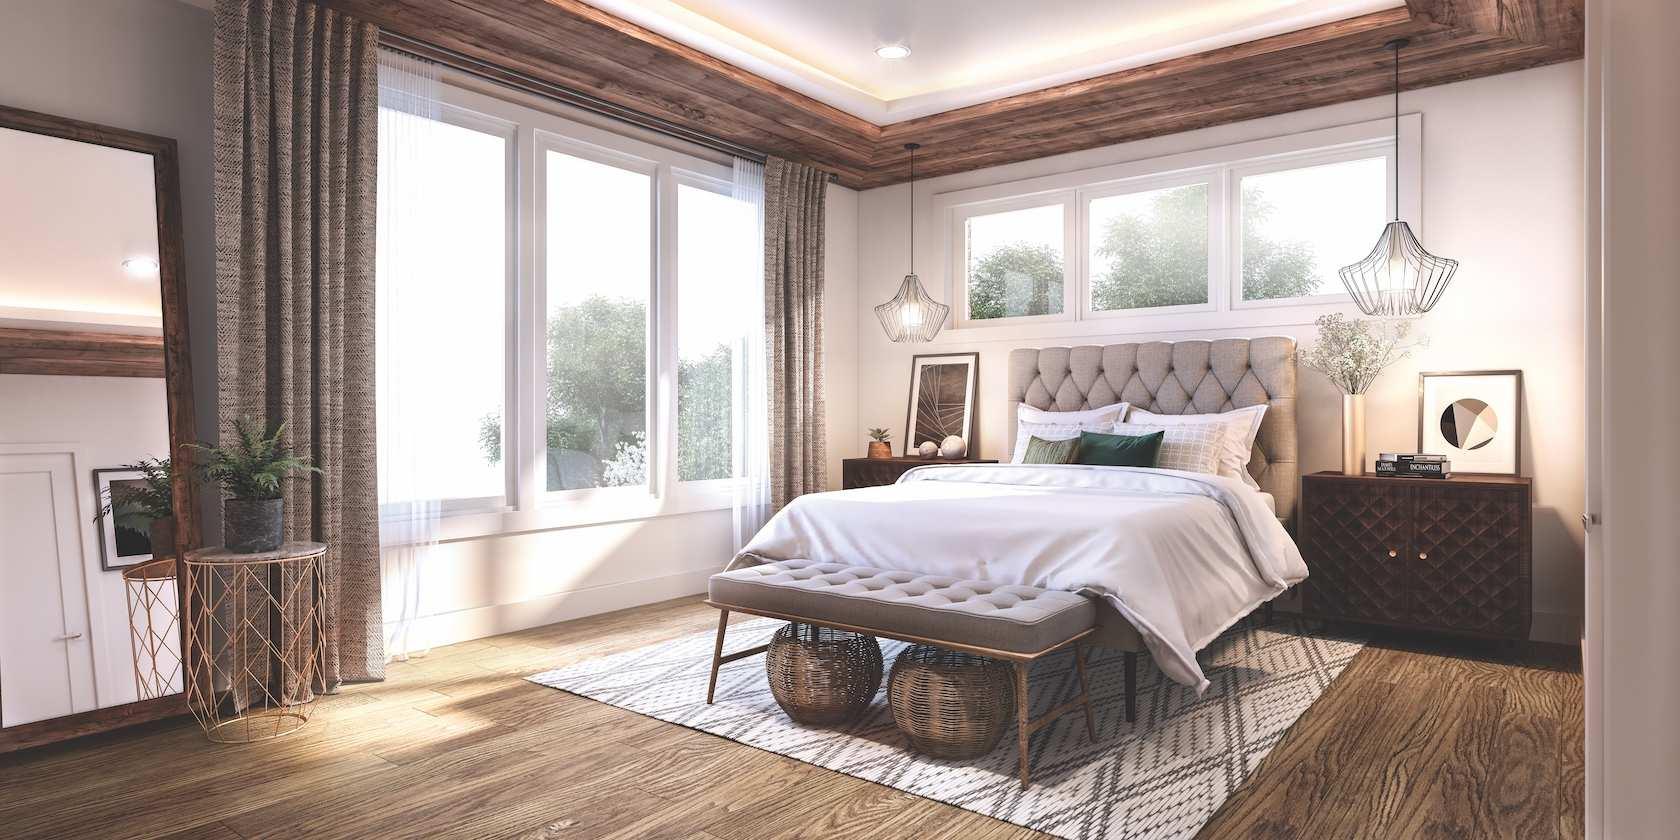 اصول فنگ شویی اتاق خواب چیست